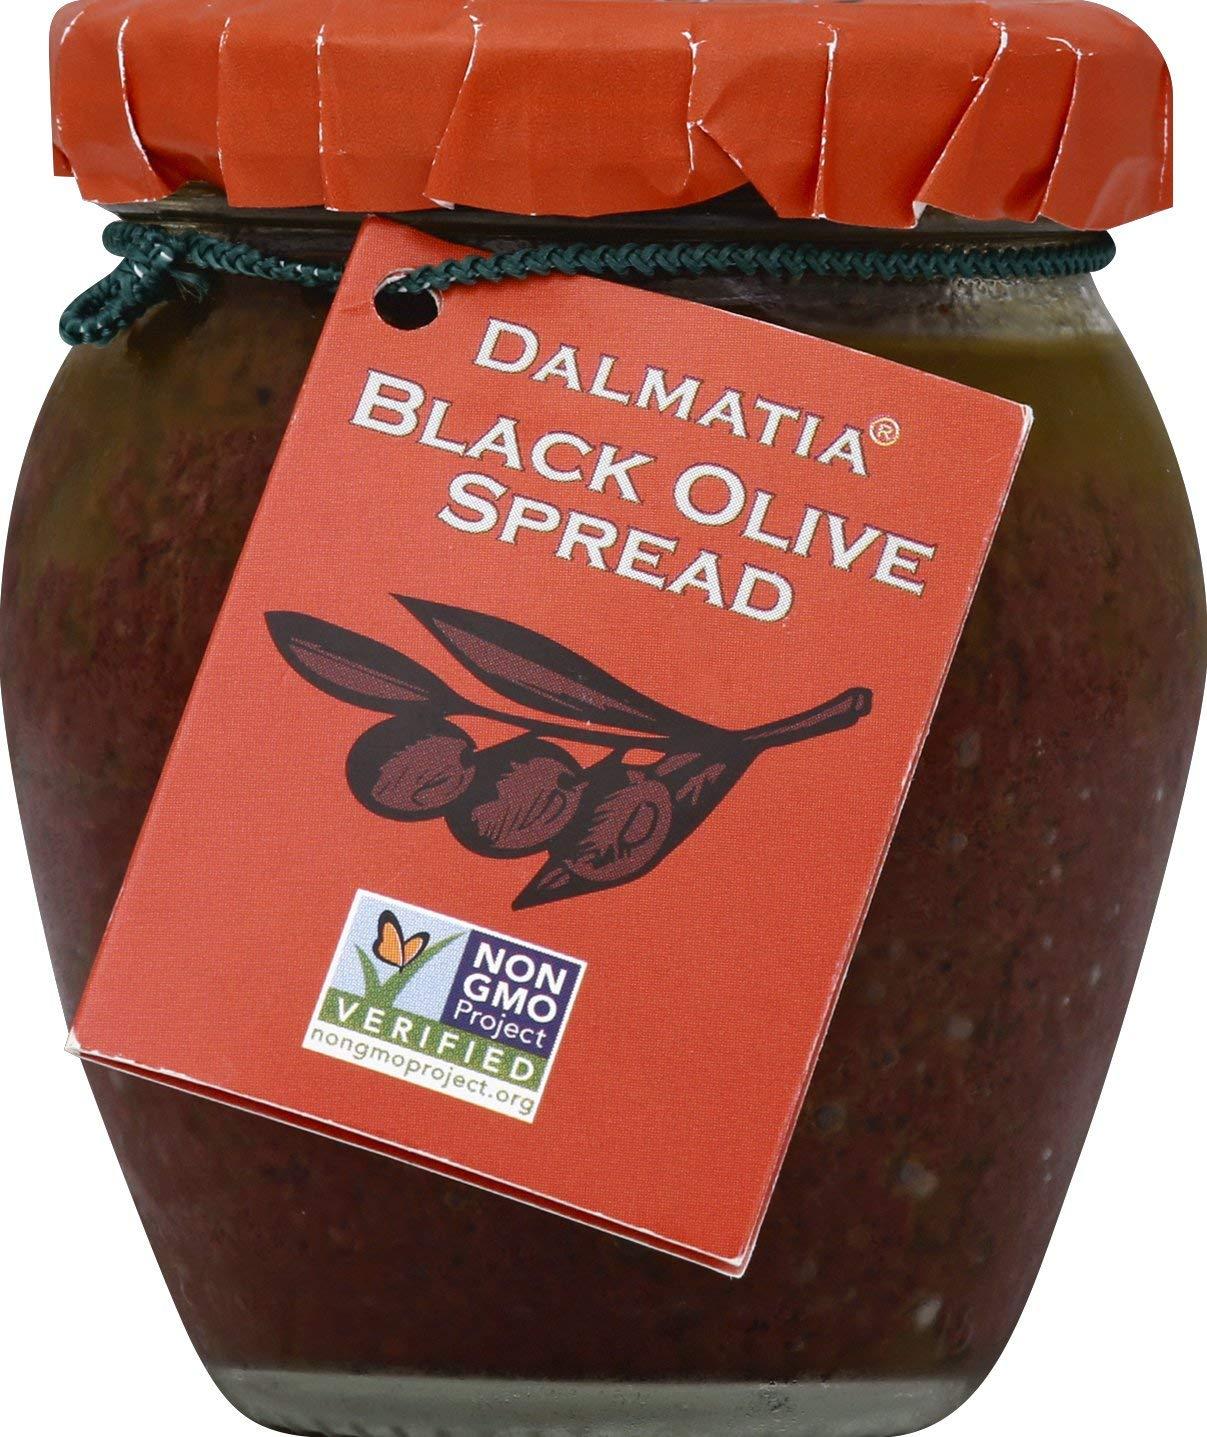 Dalmatia Black Olive Spread - 6.7 oz by Dalmatia